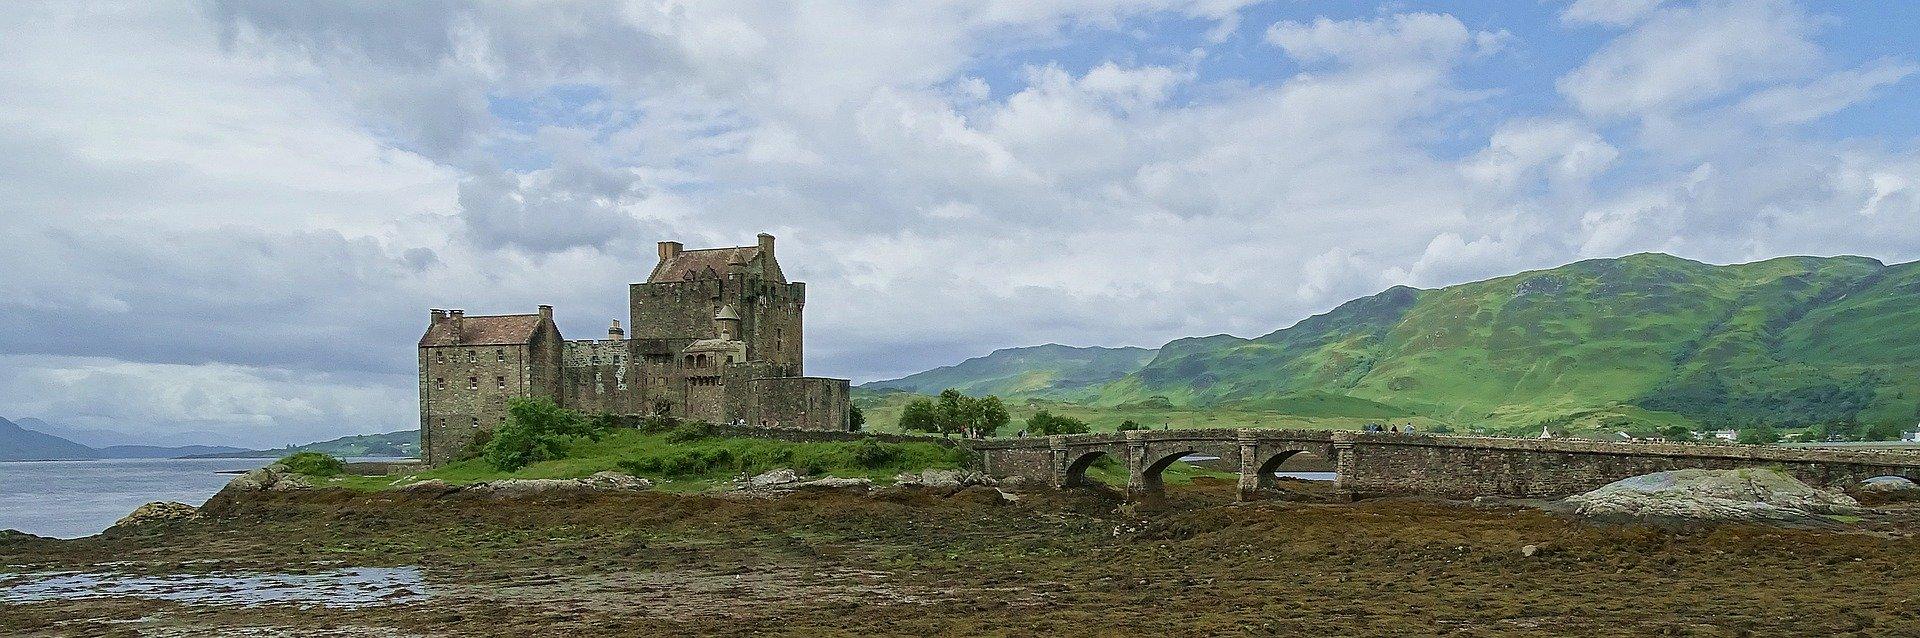 castle-2789401_1920